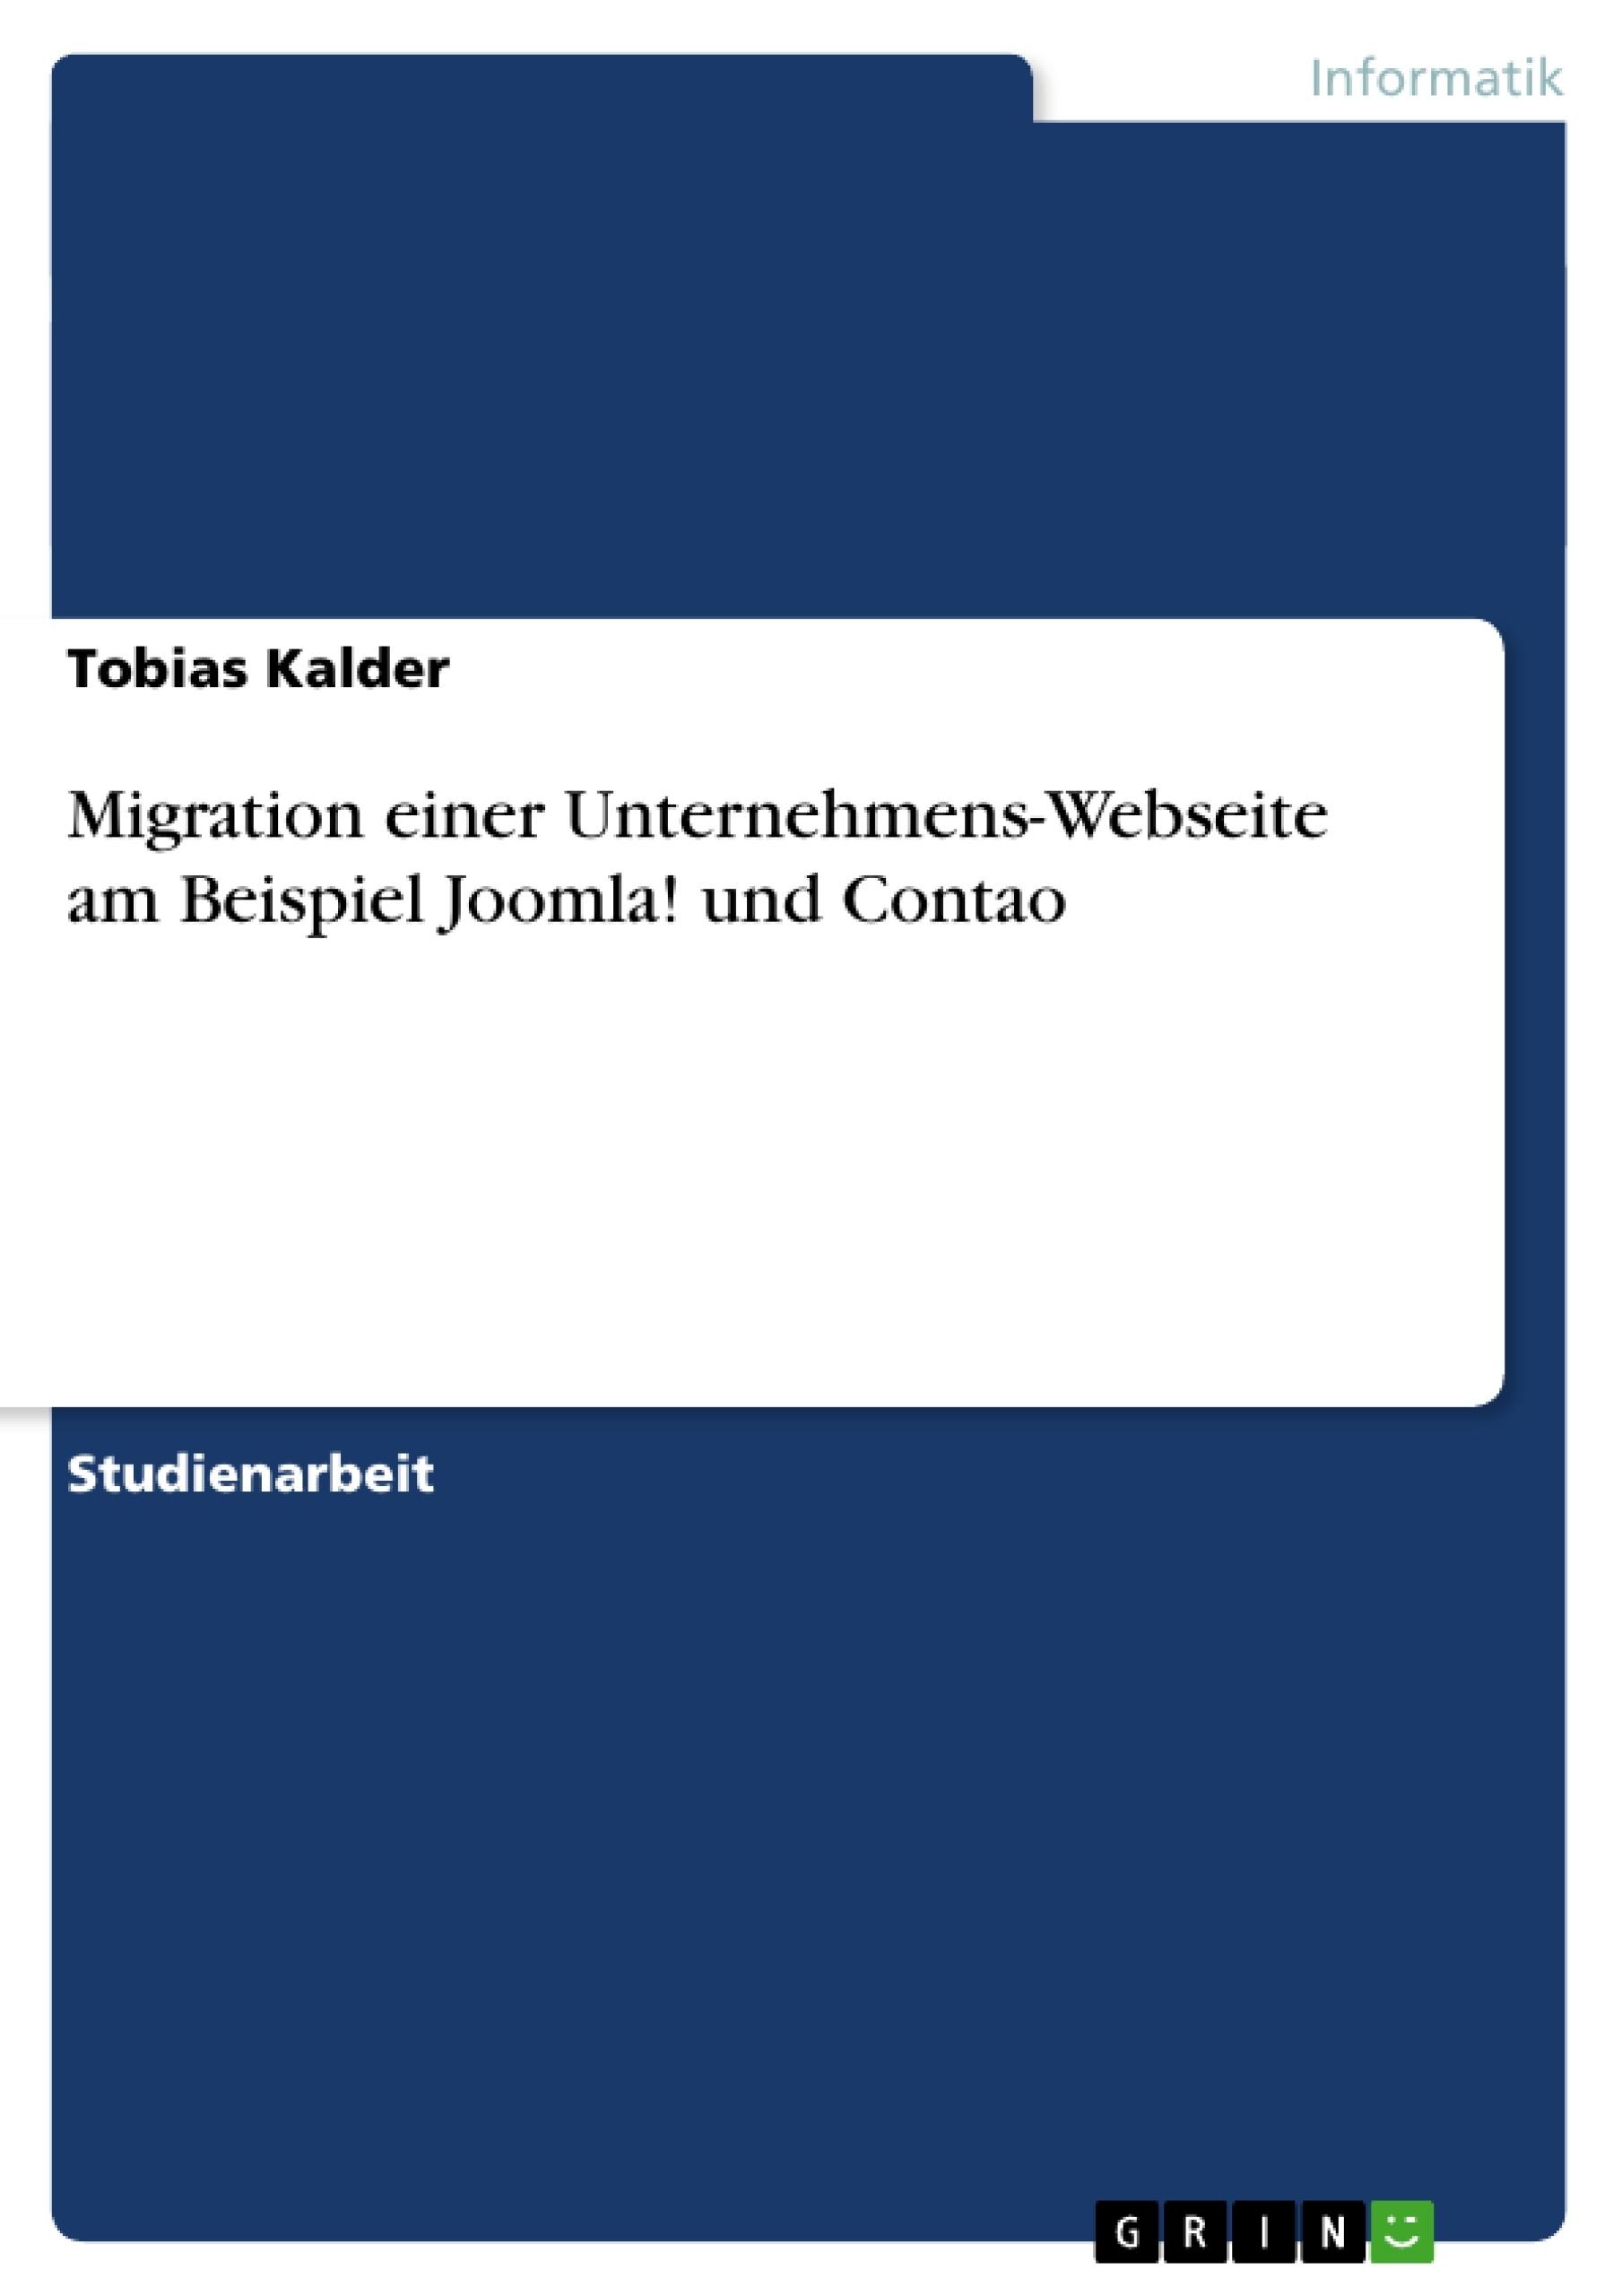 Titel: Migration einer Unternehmens-Webseite am Beispiel Joomla! und Contao